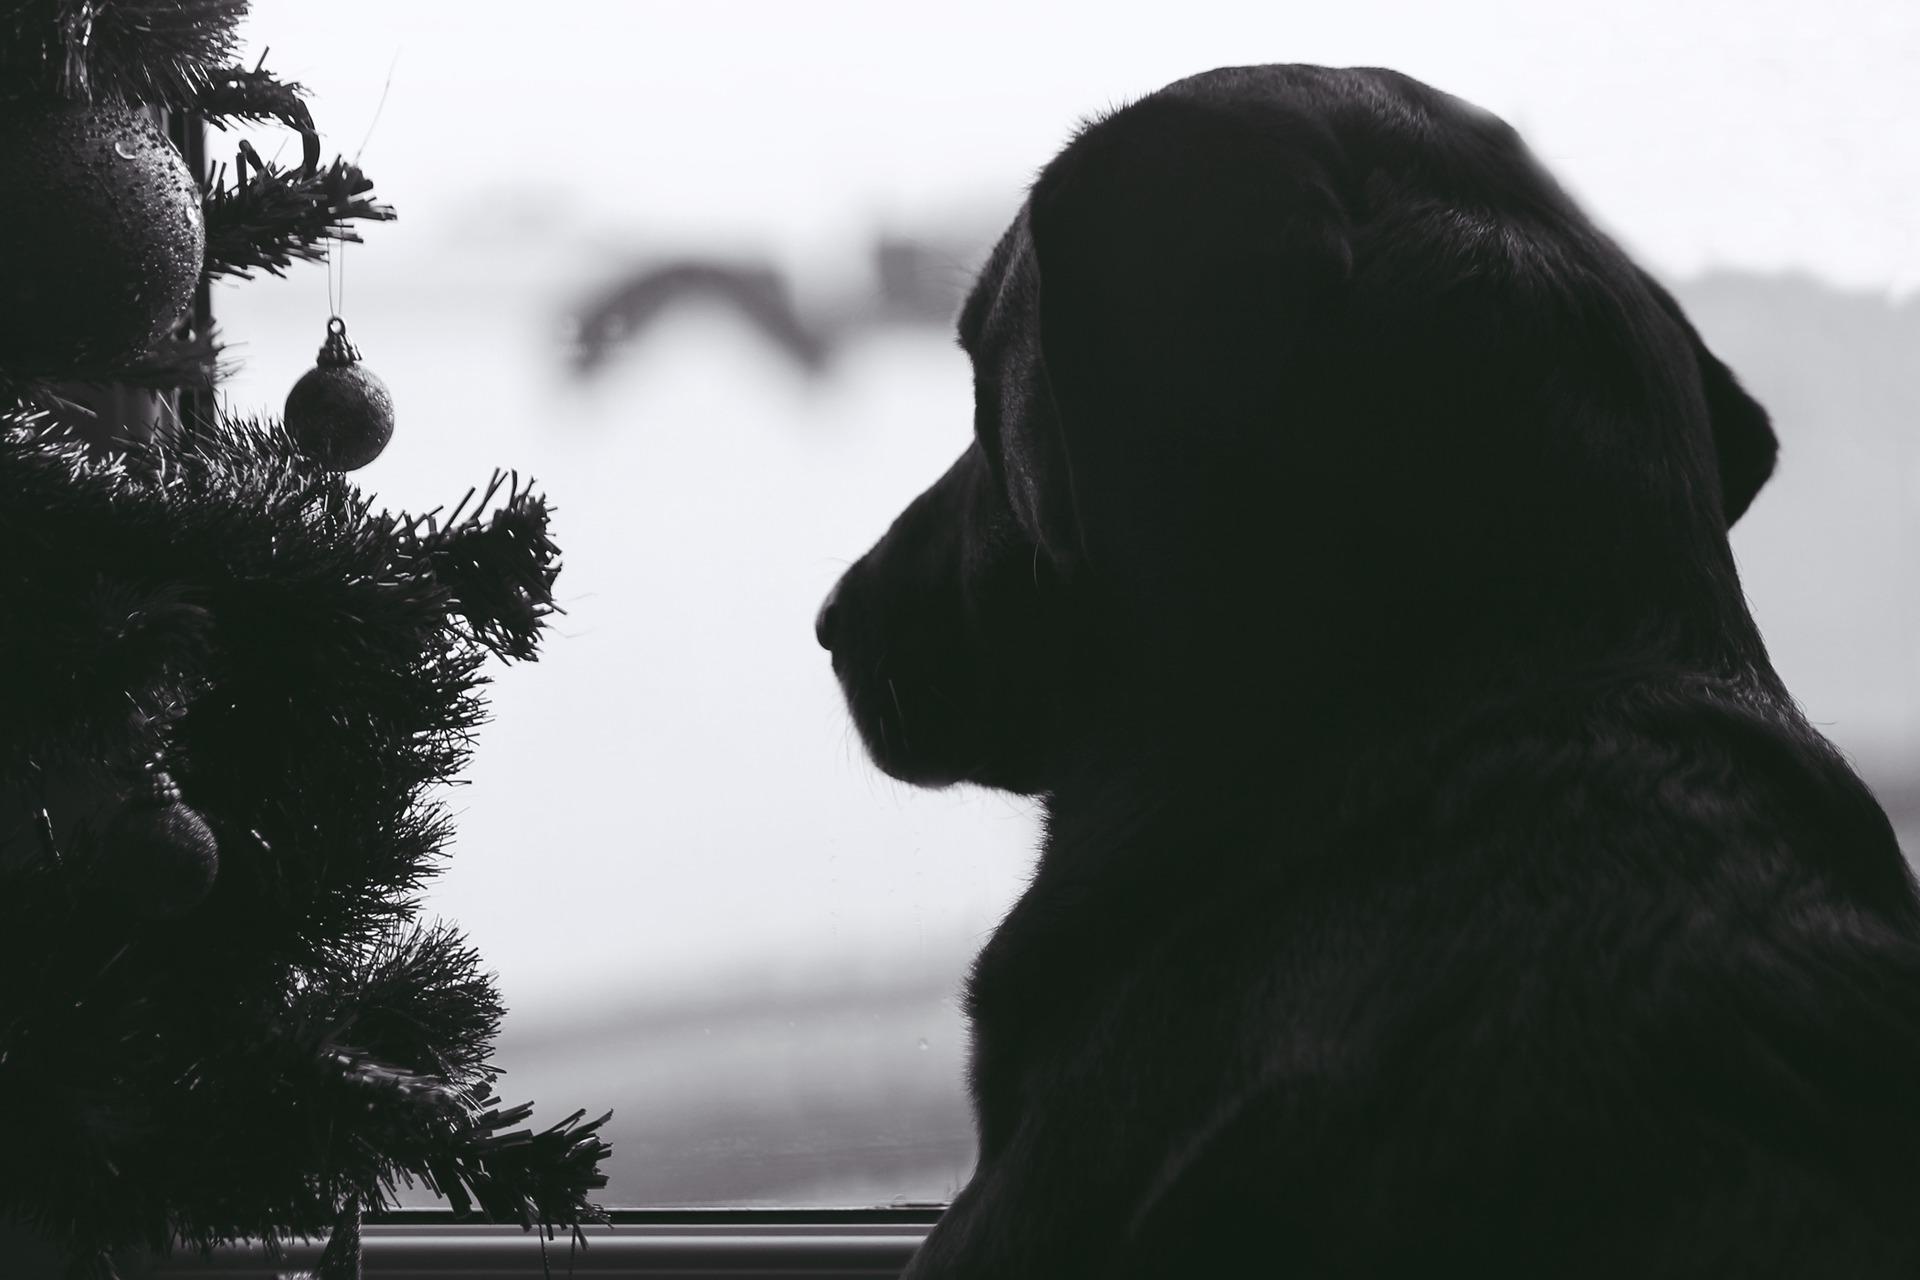 dog-1115700_1920